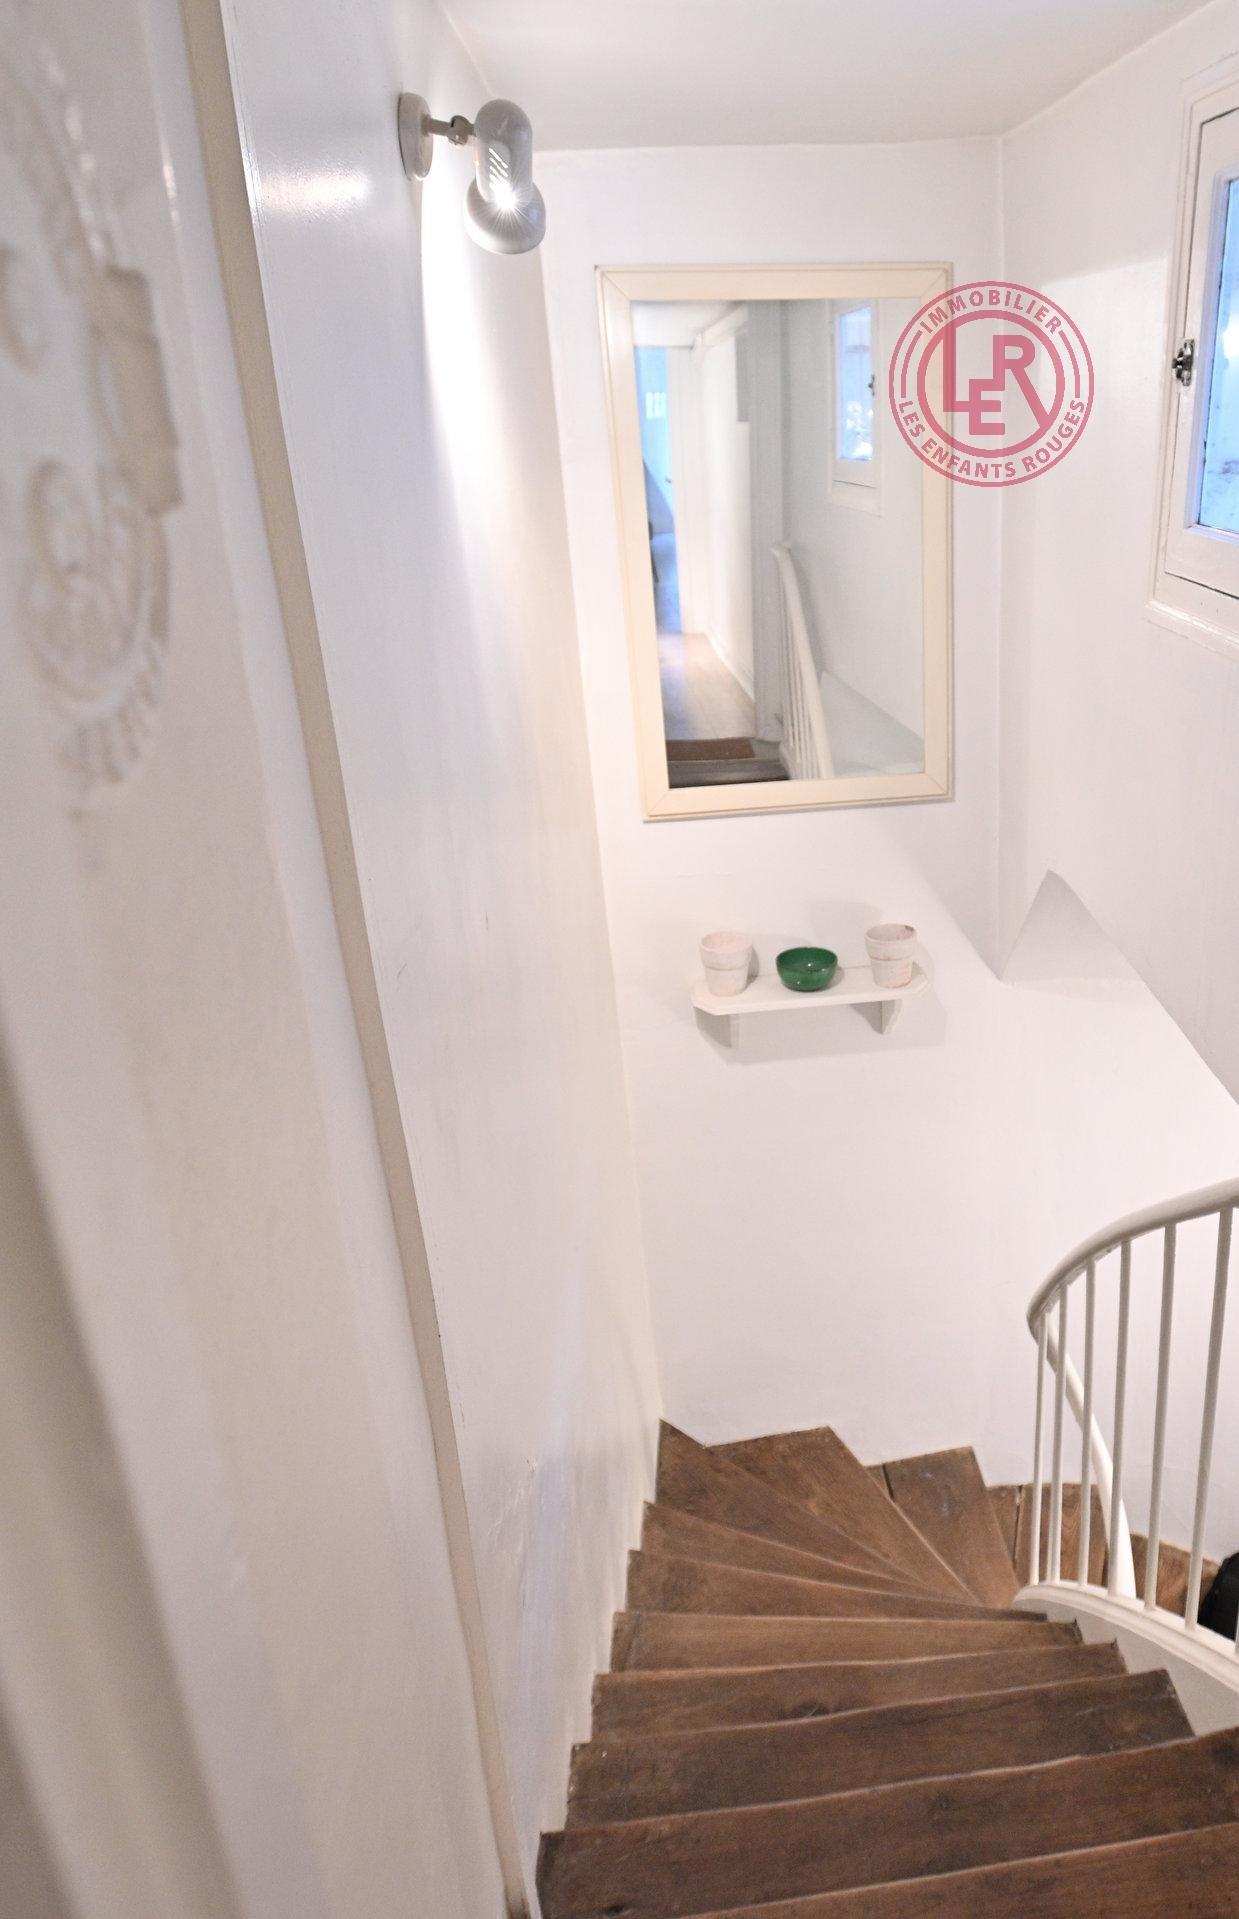 Sale Apartment - Paris 4th (Paris 4ème) Saint-Gervais